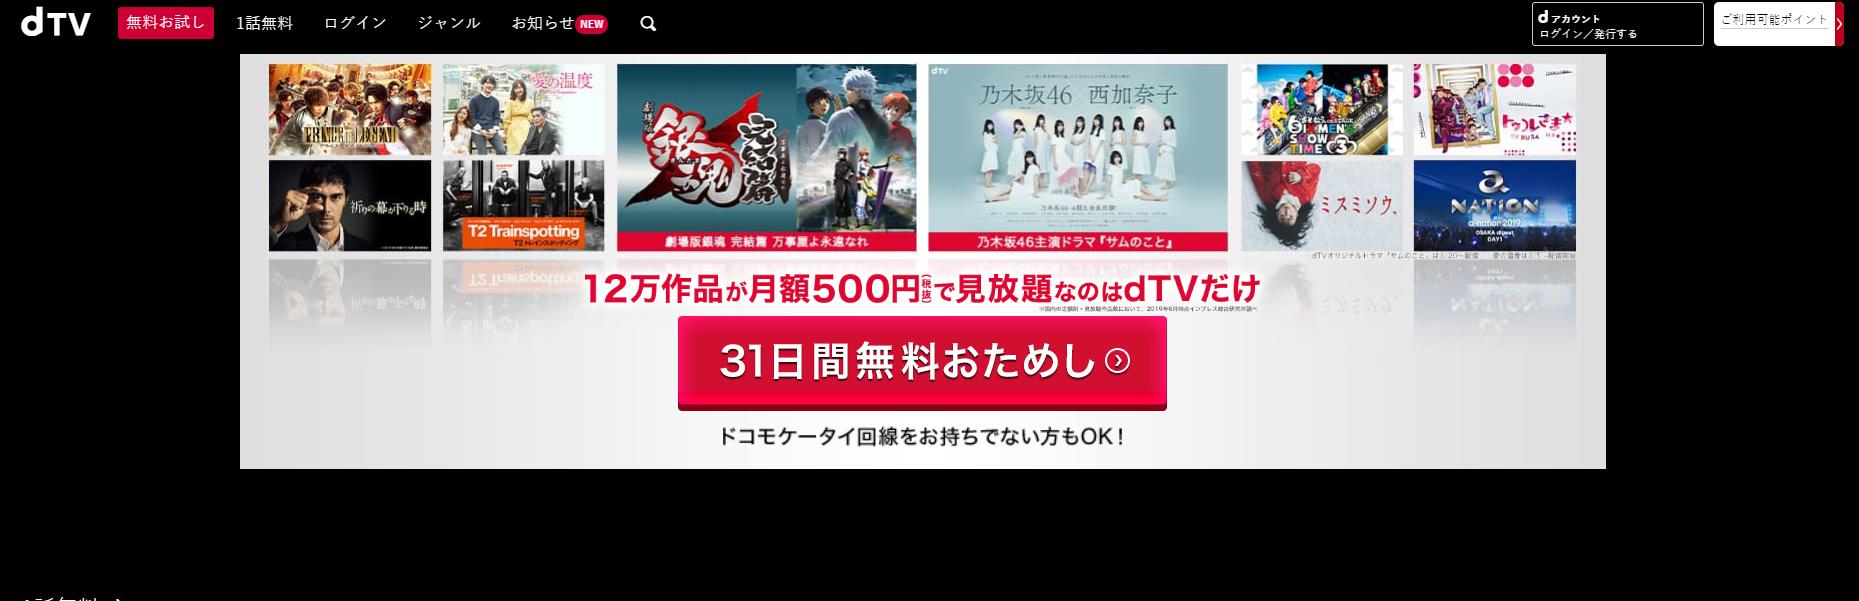 dTV公式サイトトップページ